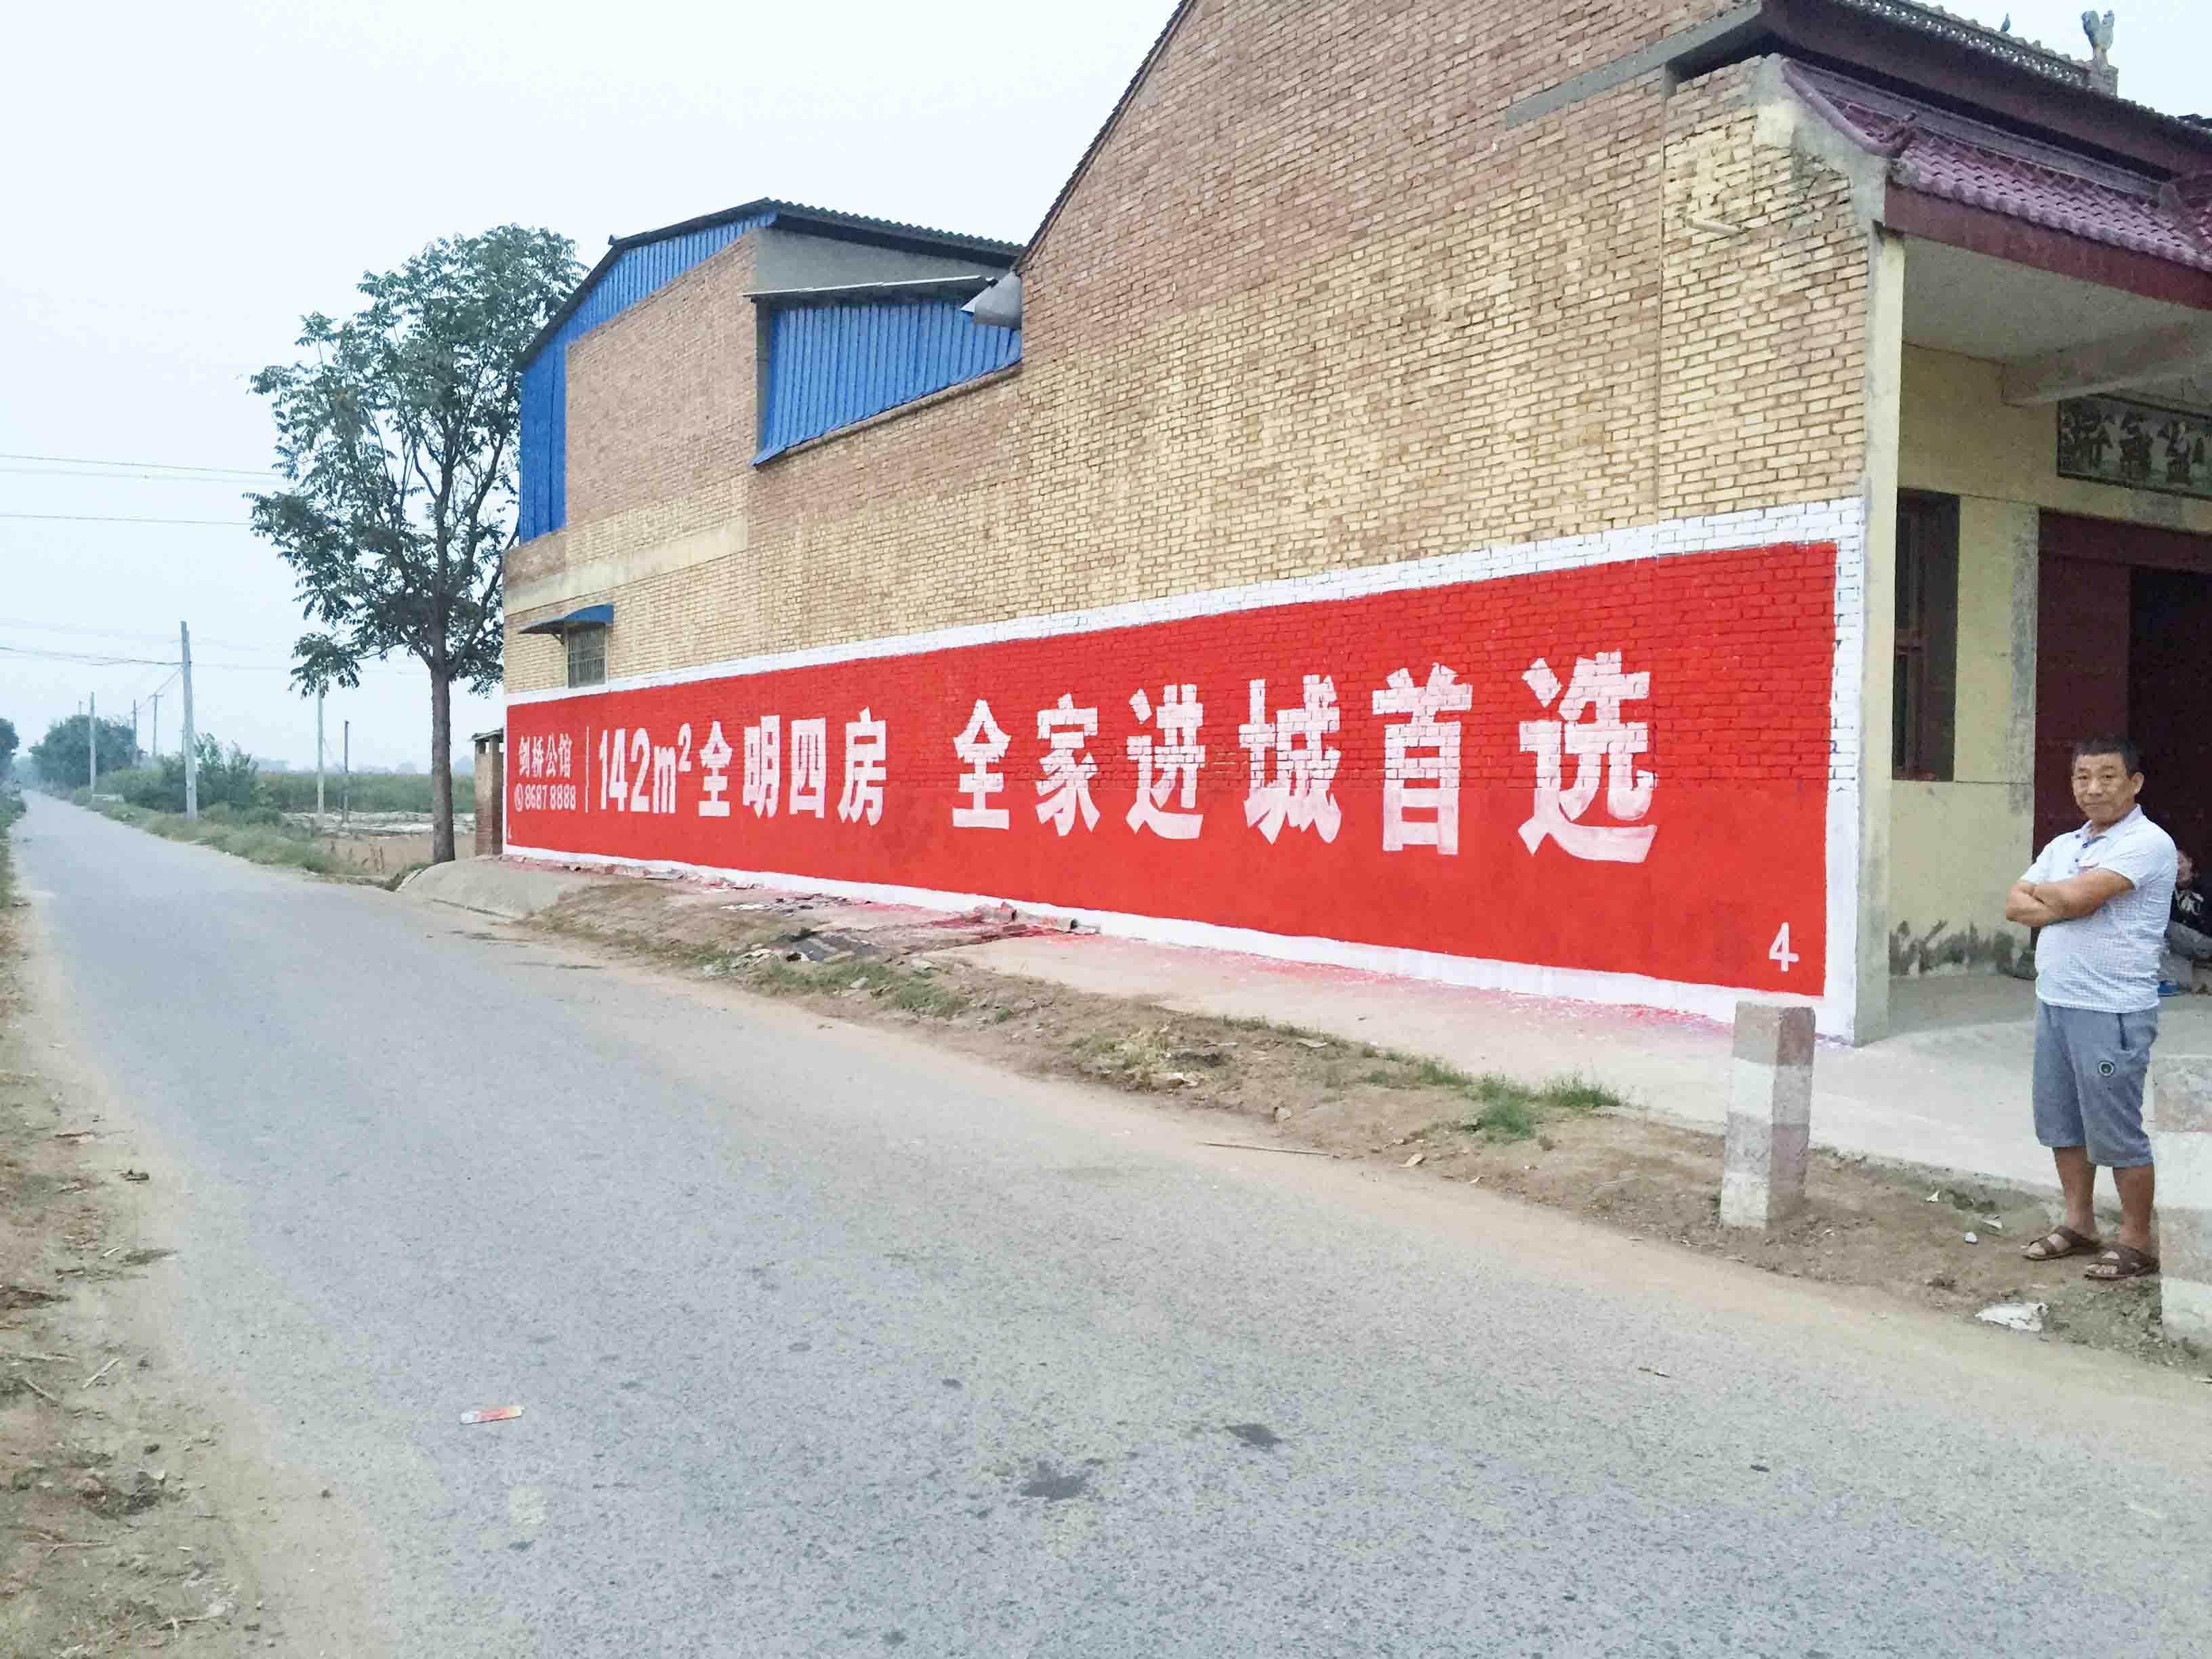 凤翔手绘墙体广告凤翔刷墙广告